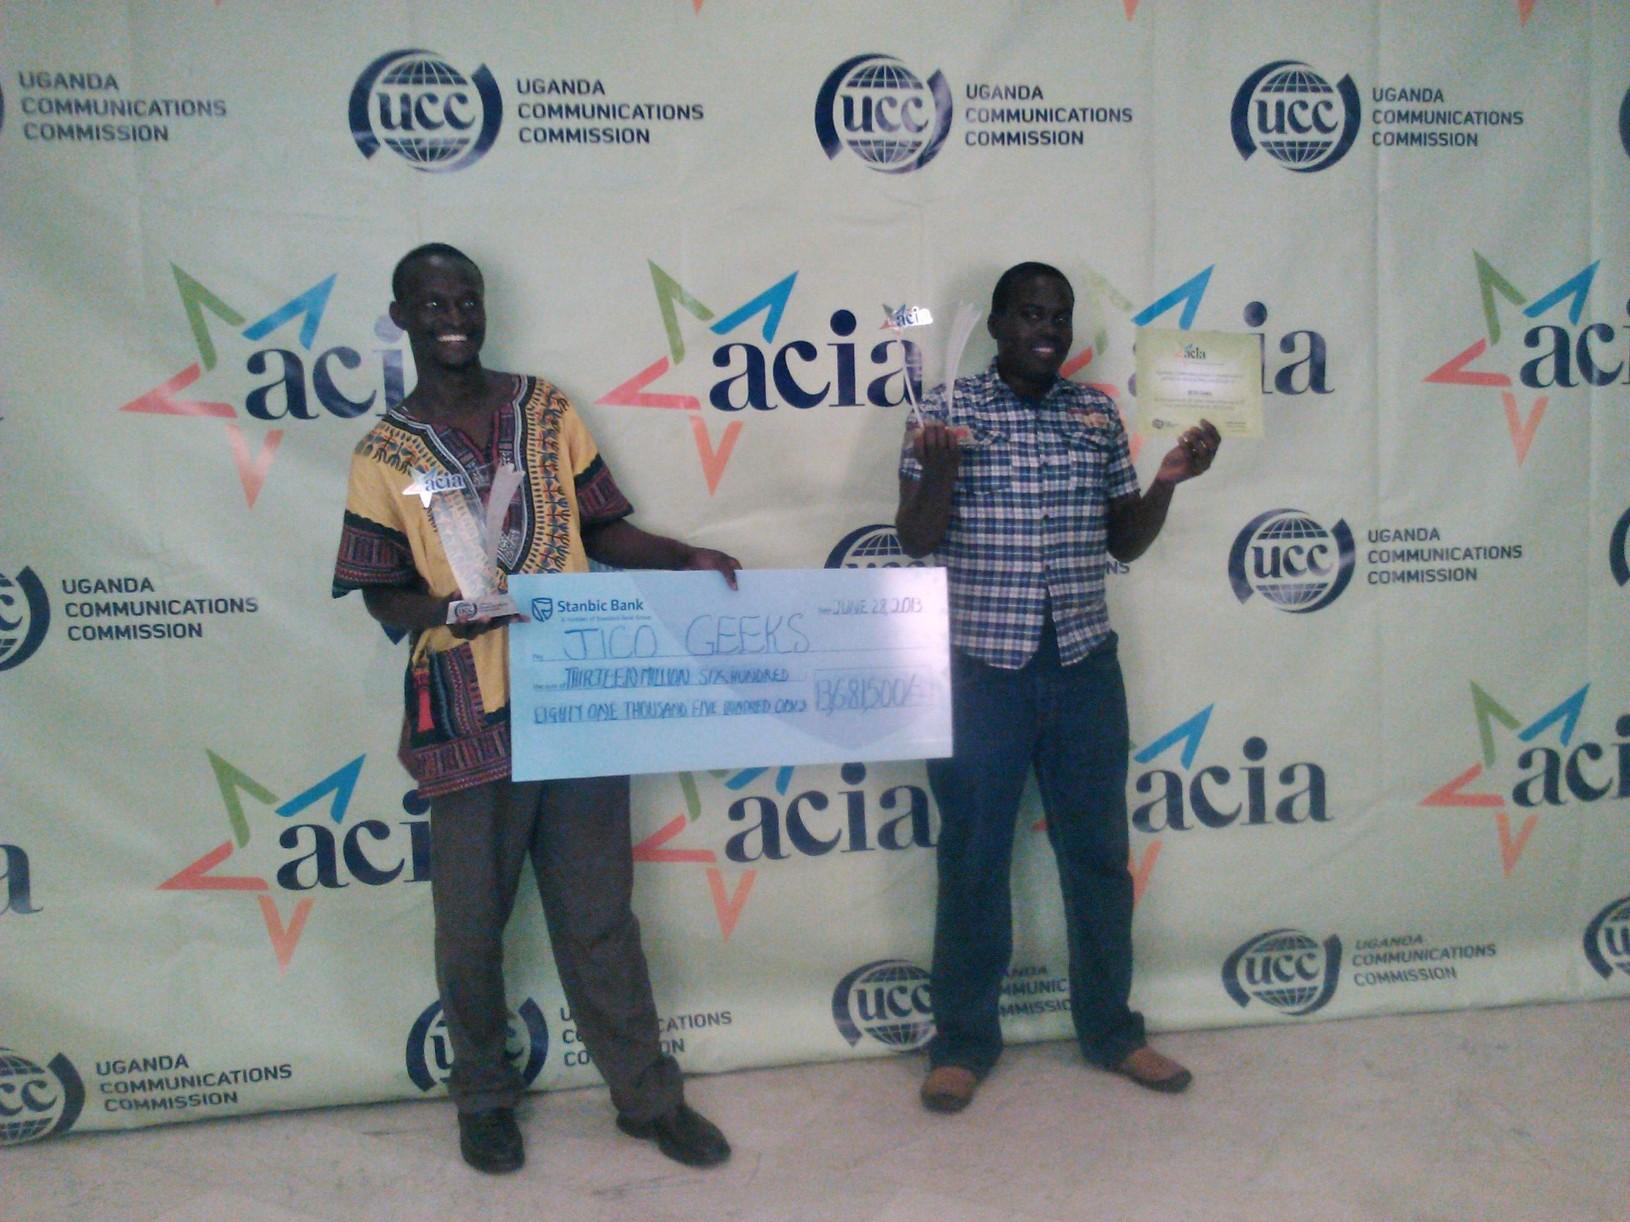 UCC ACIA AWARDS 2013